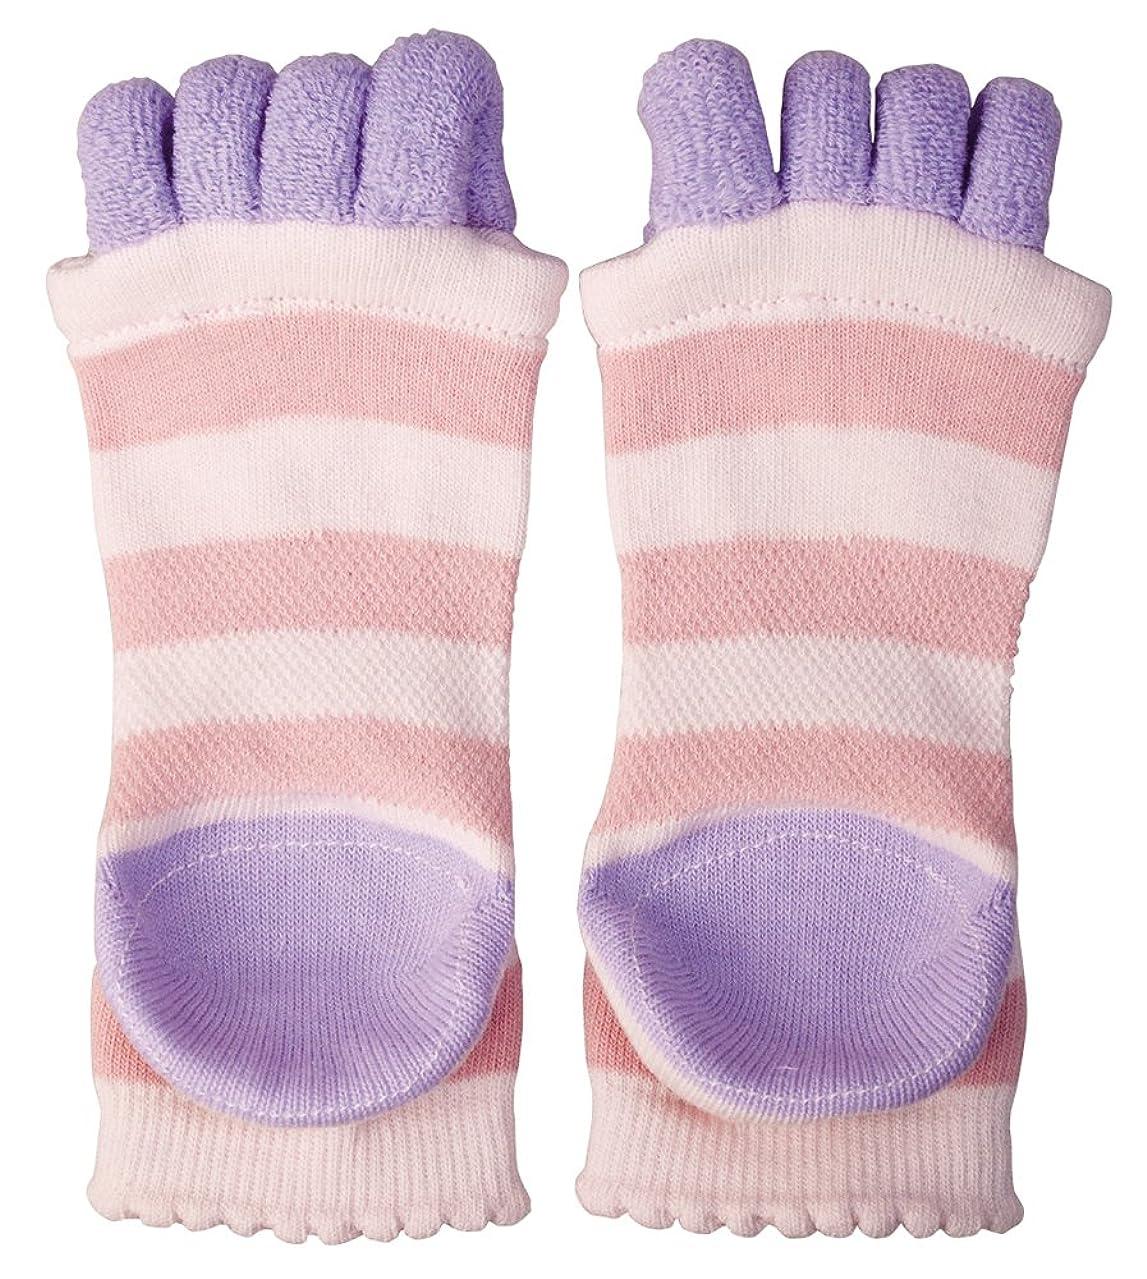 カウント予想外トランジスタ眠れる森の5本指 かかとソックス リラックス/靴下/ケア ピンク?AP-617105